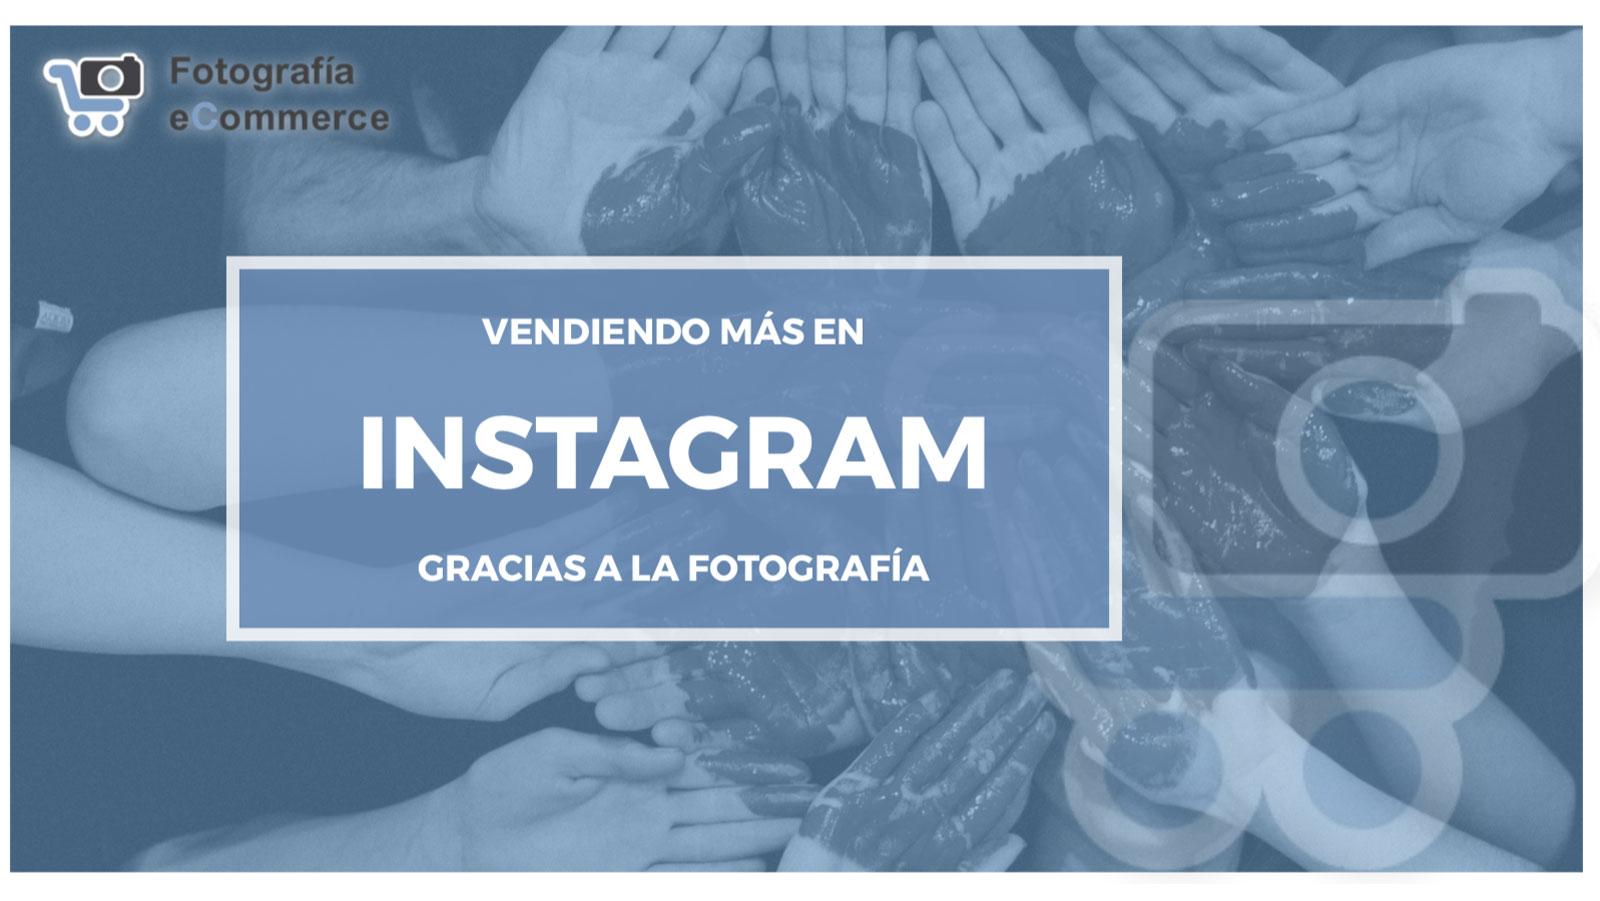 Guía vendiendo más através de instagram